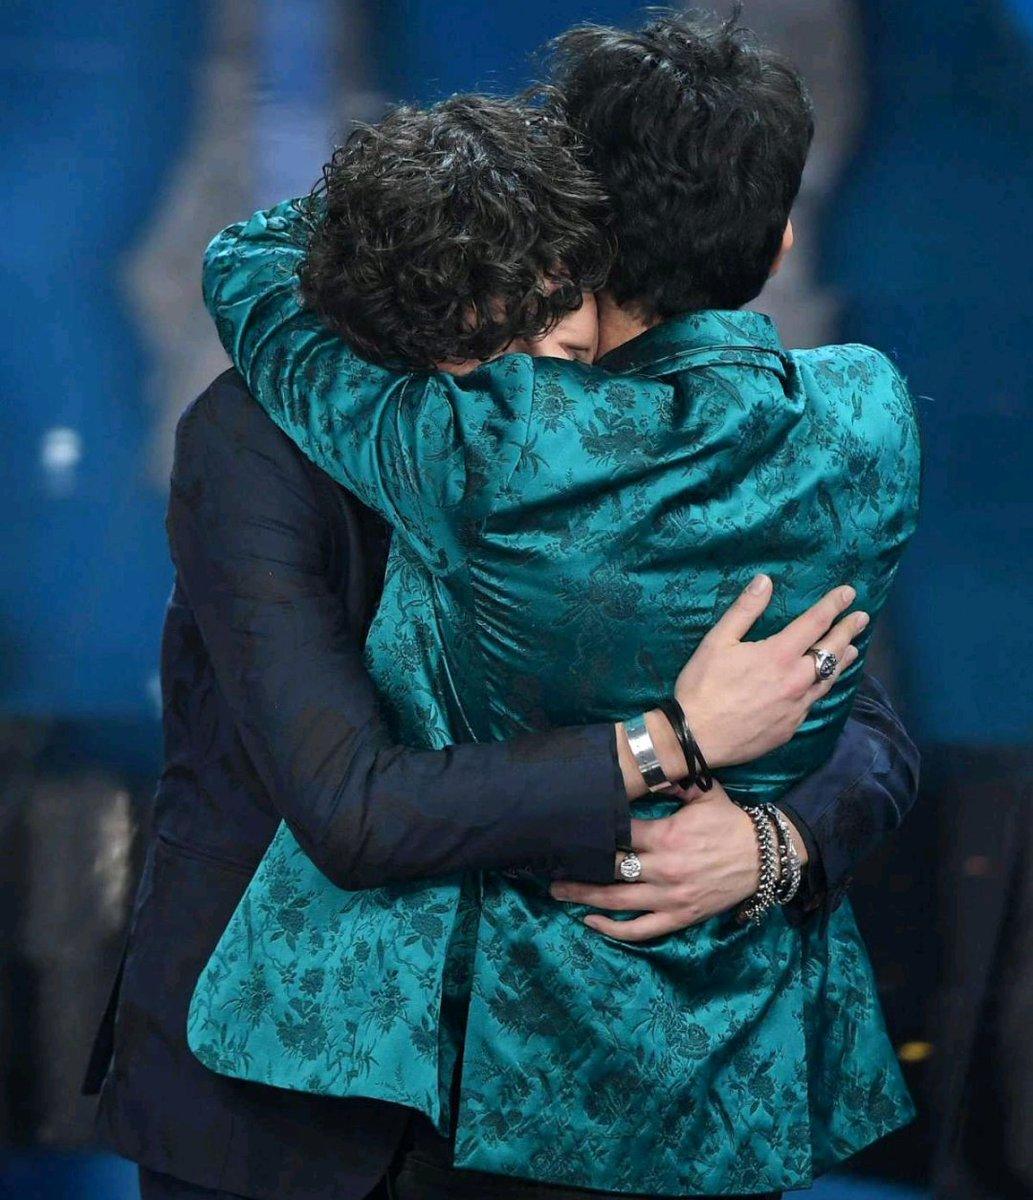 """10 Febbraio1.25""""La canzone vincitrice è interpretata da... Ermal Meta e Fabrizio Moro""""Un grazie non basta...#BizioEGigi6 #GrazieErmal #GrazieFabrizio @MetaErmal #FabrizioMoro  - Ukustom"""